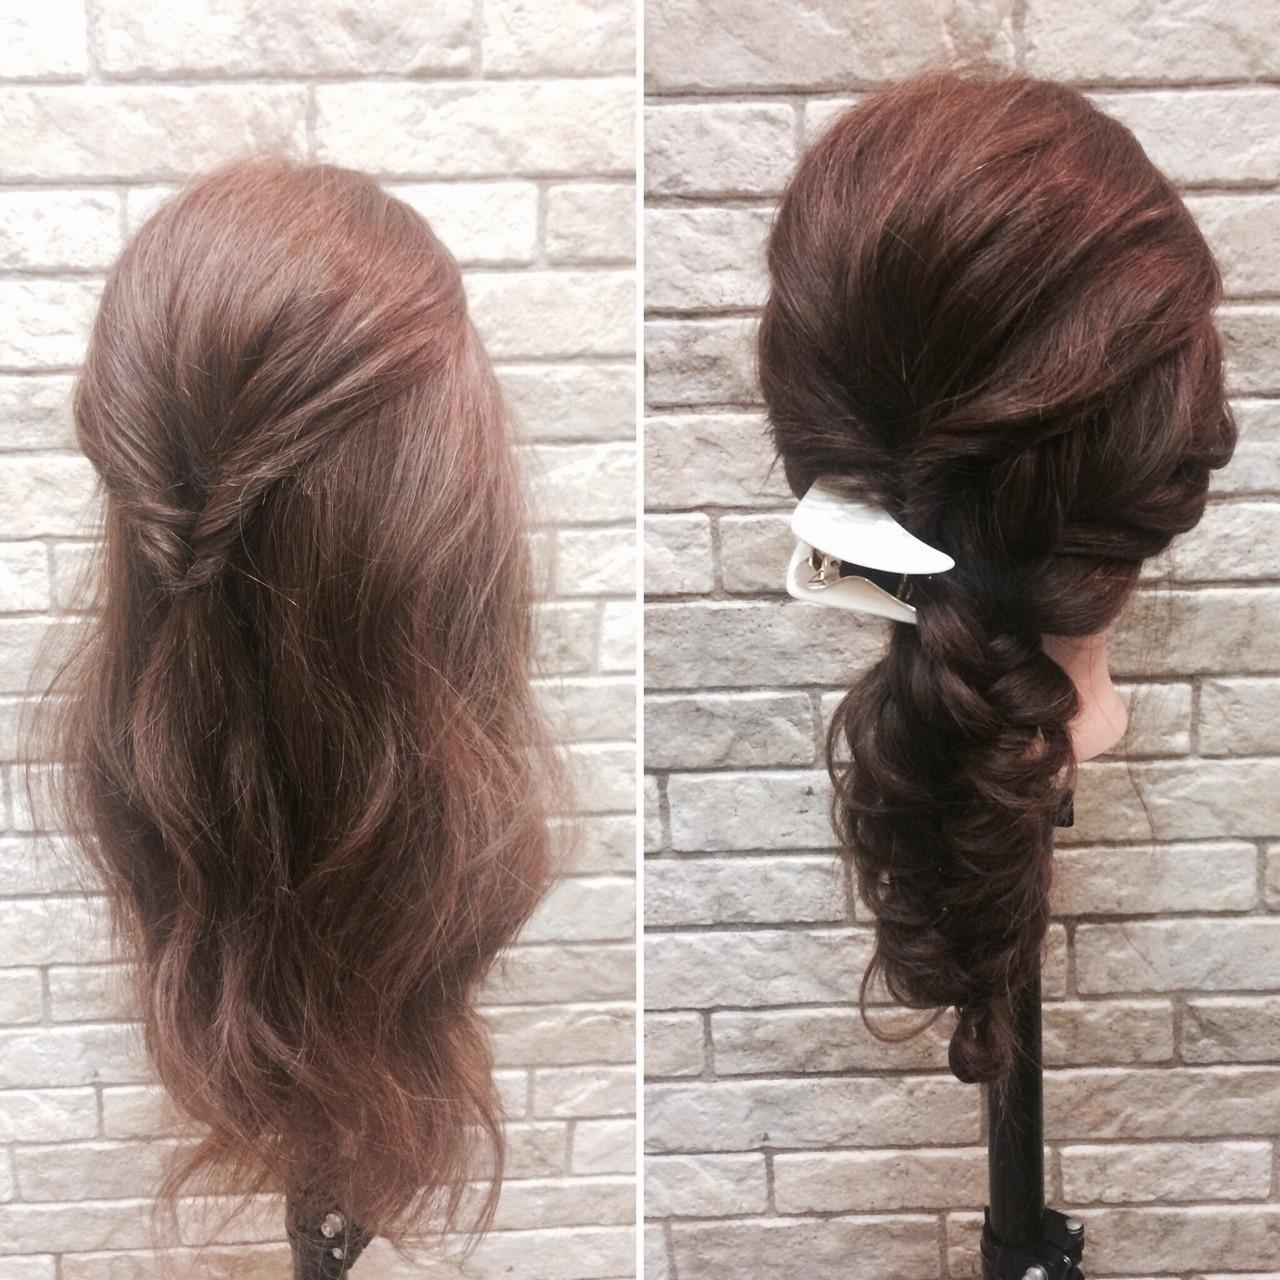 簡単アレンジ♡ 1.左側でくるりんぱ 2.下の残りの髪を編み込みしてくずしたら完成!!  三角クリップとも相性◎